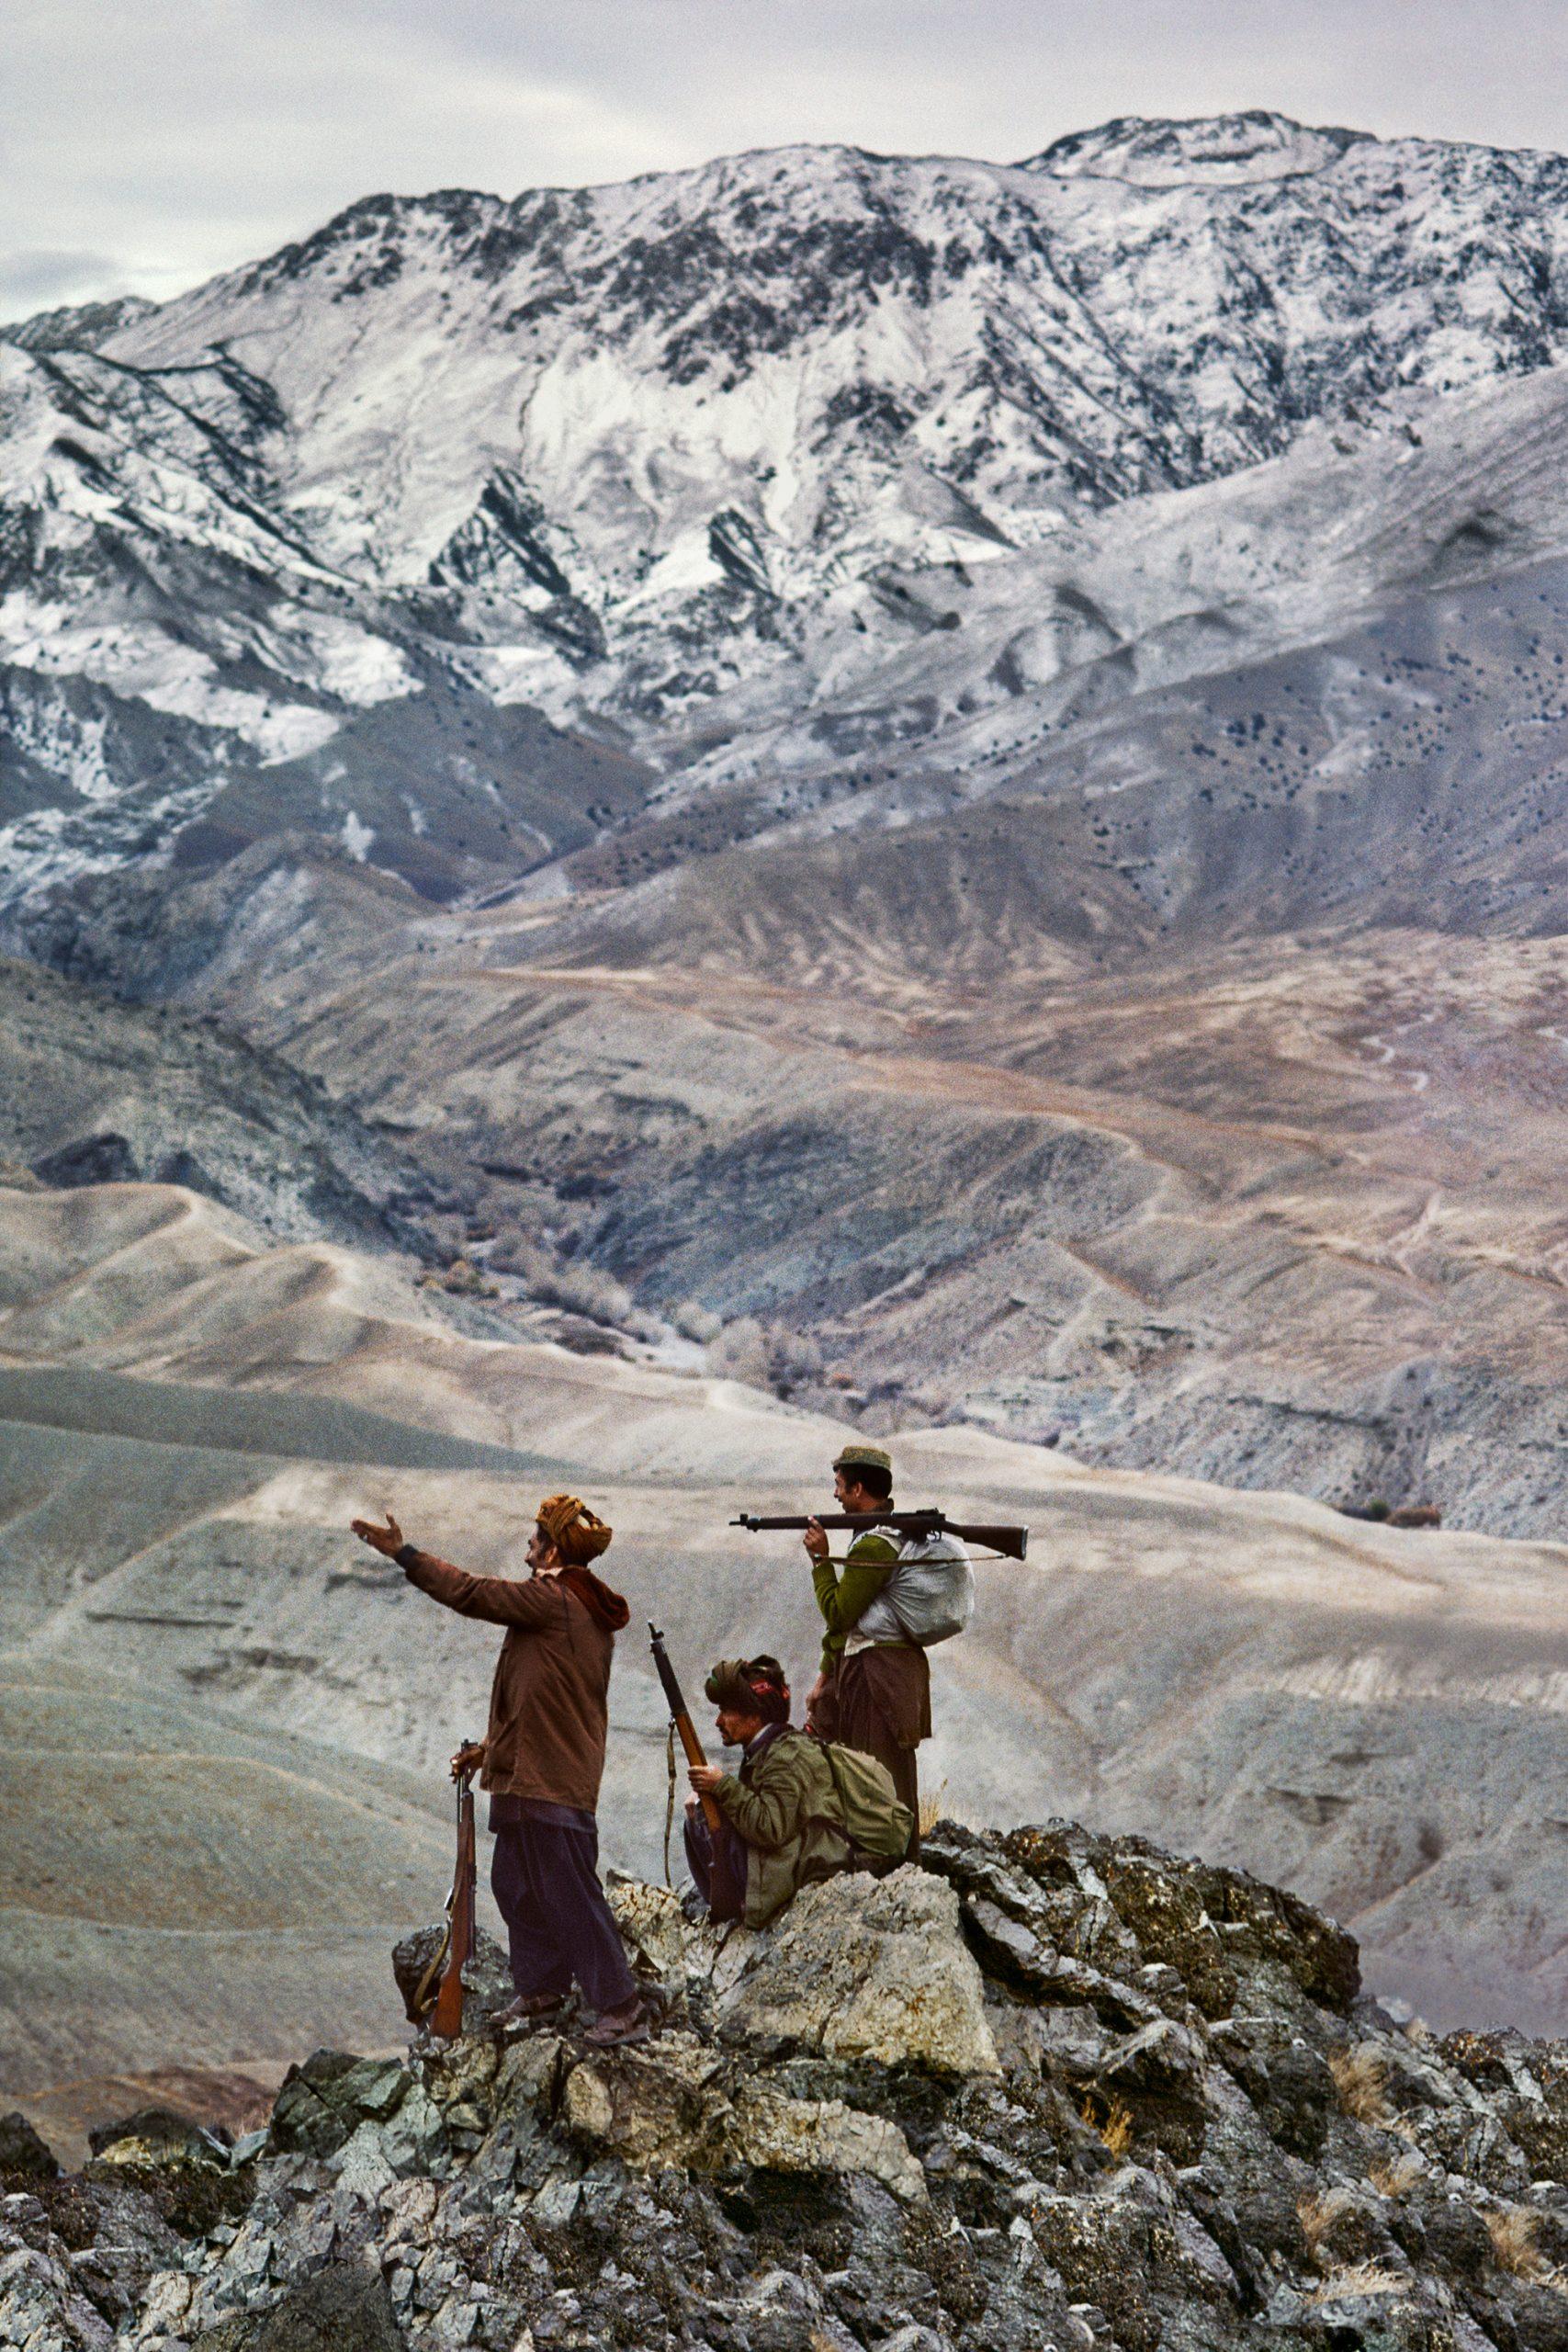 Steve McCurry, Logar Province, Afghanistan, 1984, ©Steve McCurry